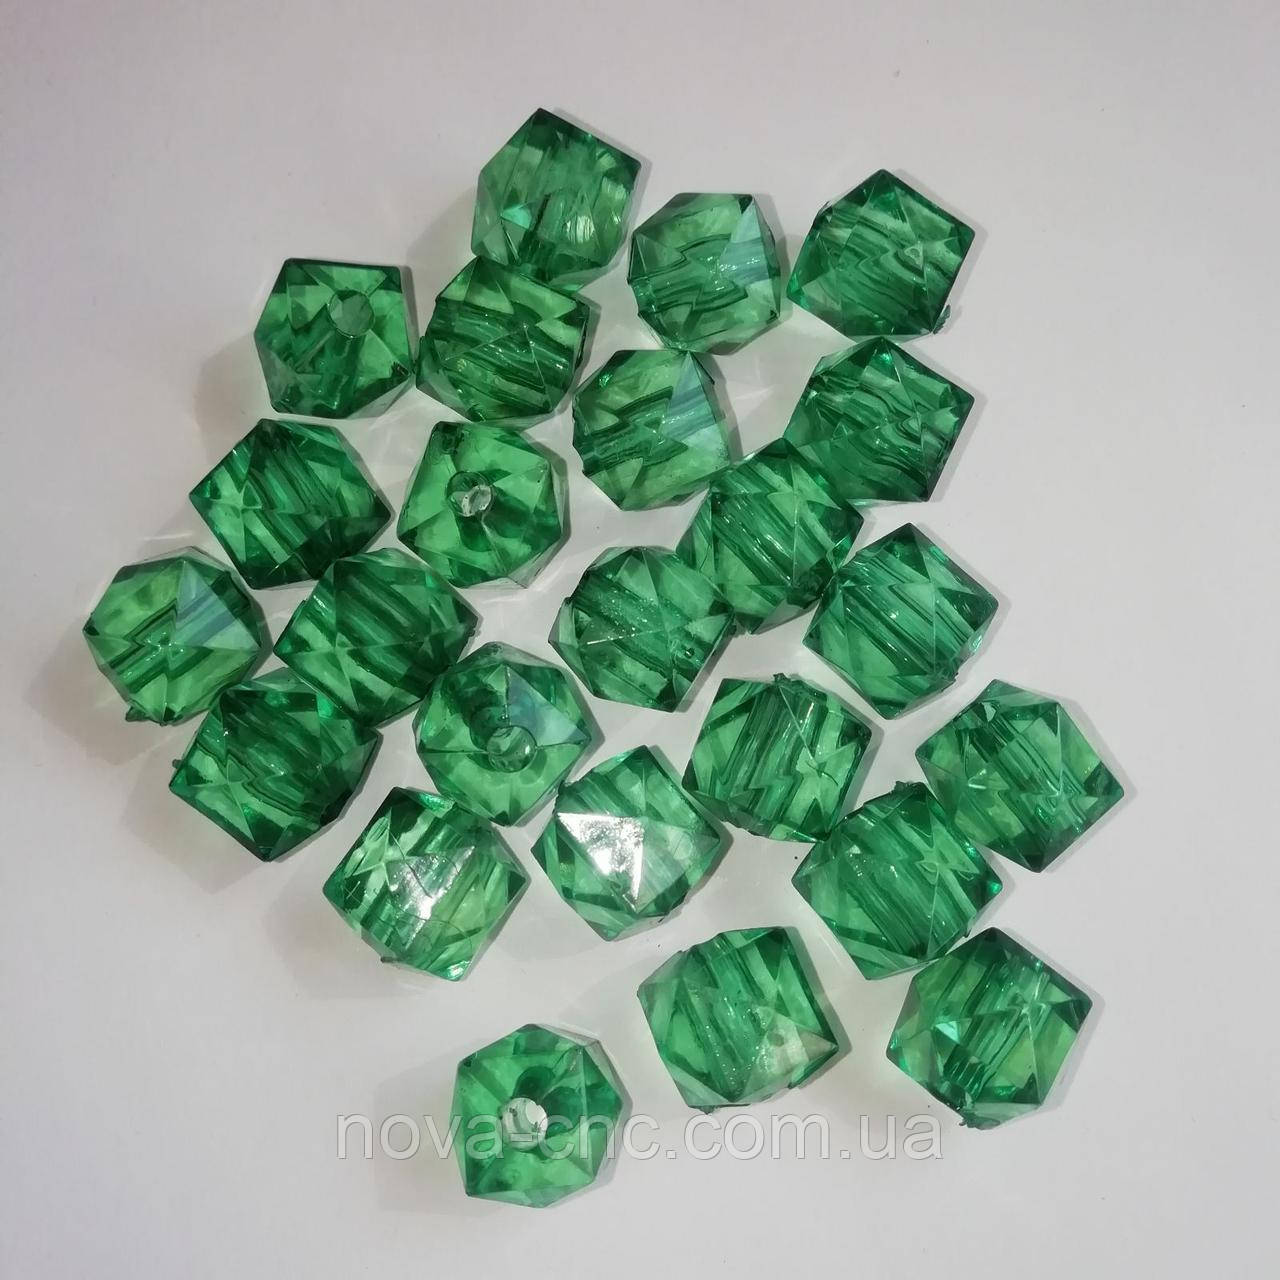 """Бусины акрил """"Куб грани"""" зеленый 12 мм 500 грамм"""